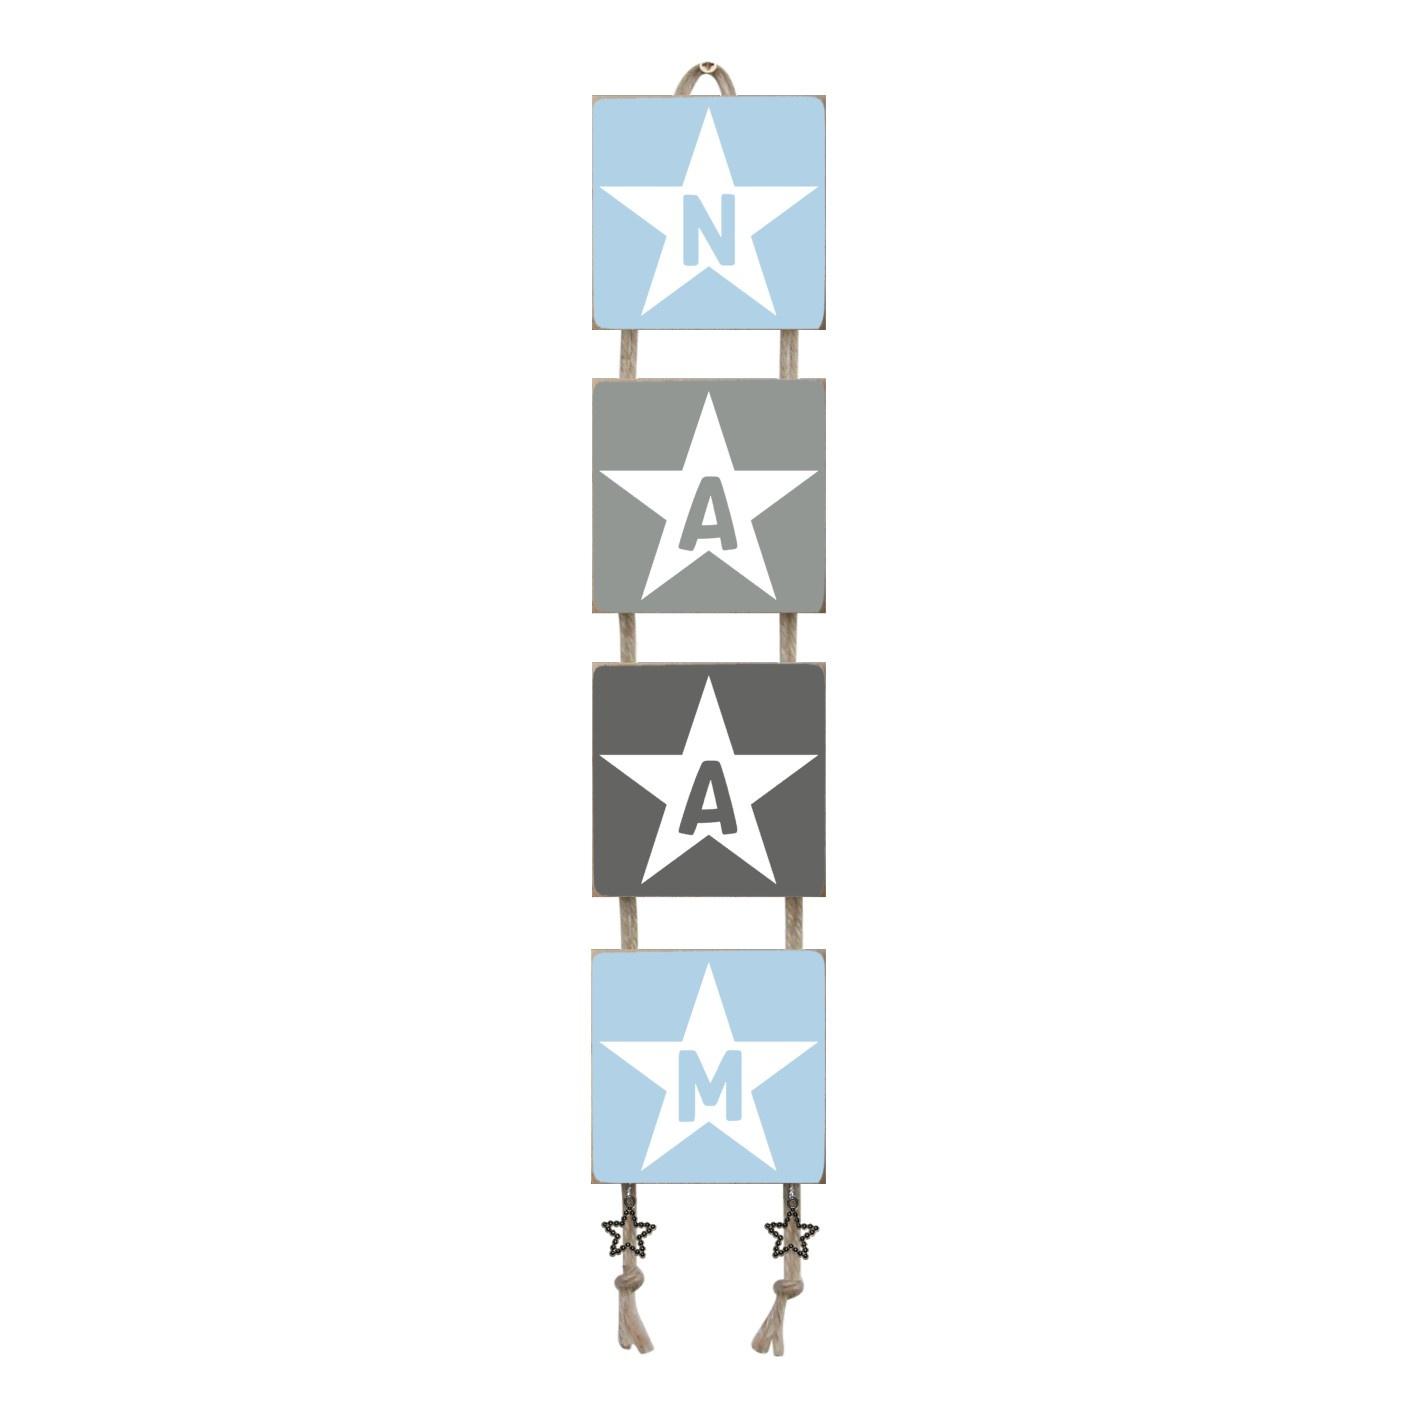 Naamladderlichtblauw/grijstinten stencil